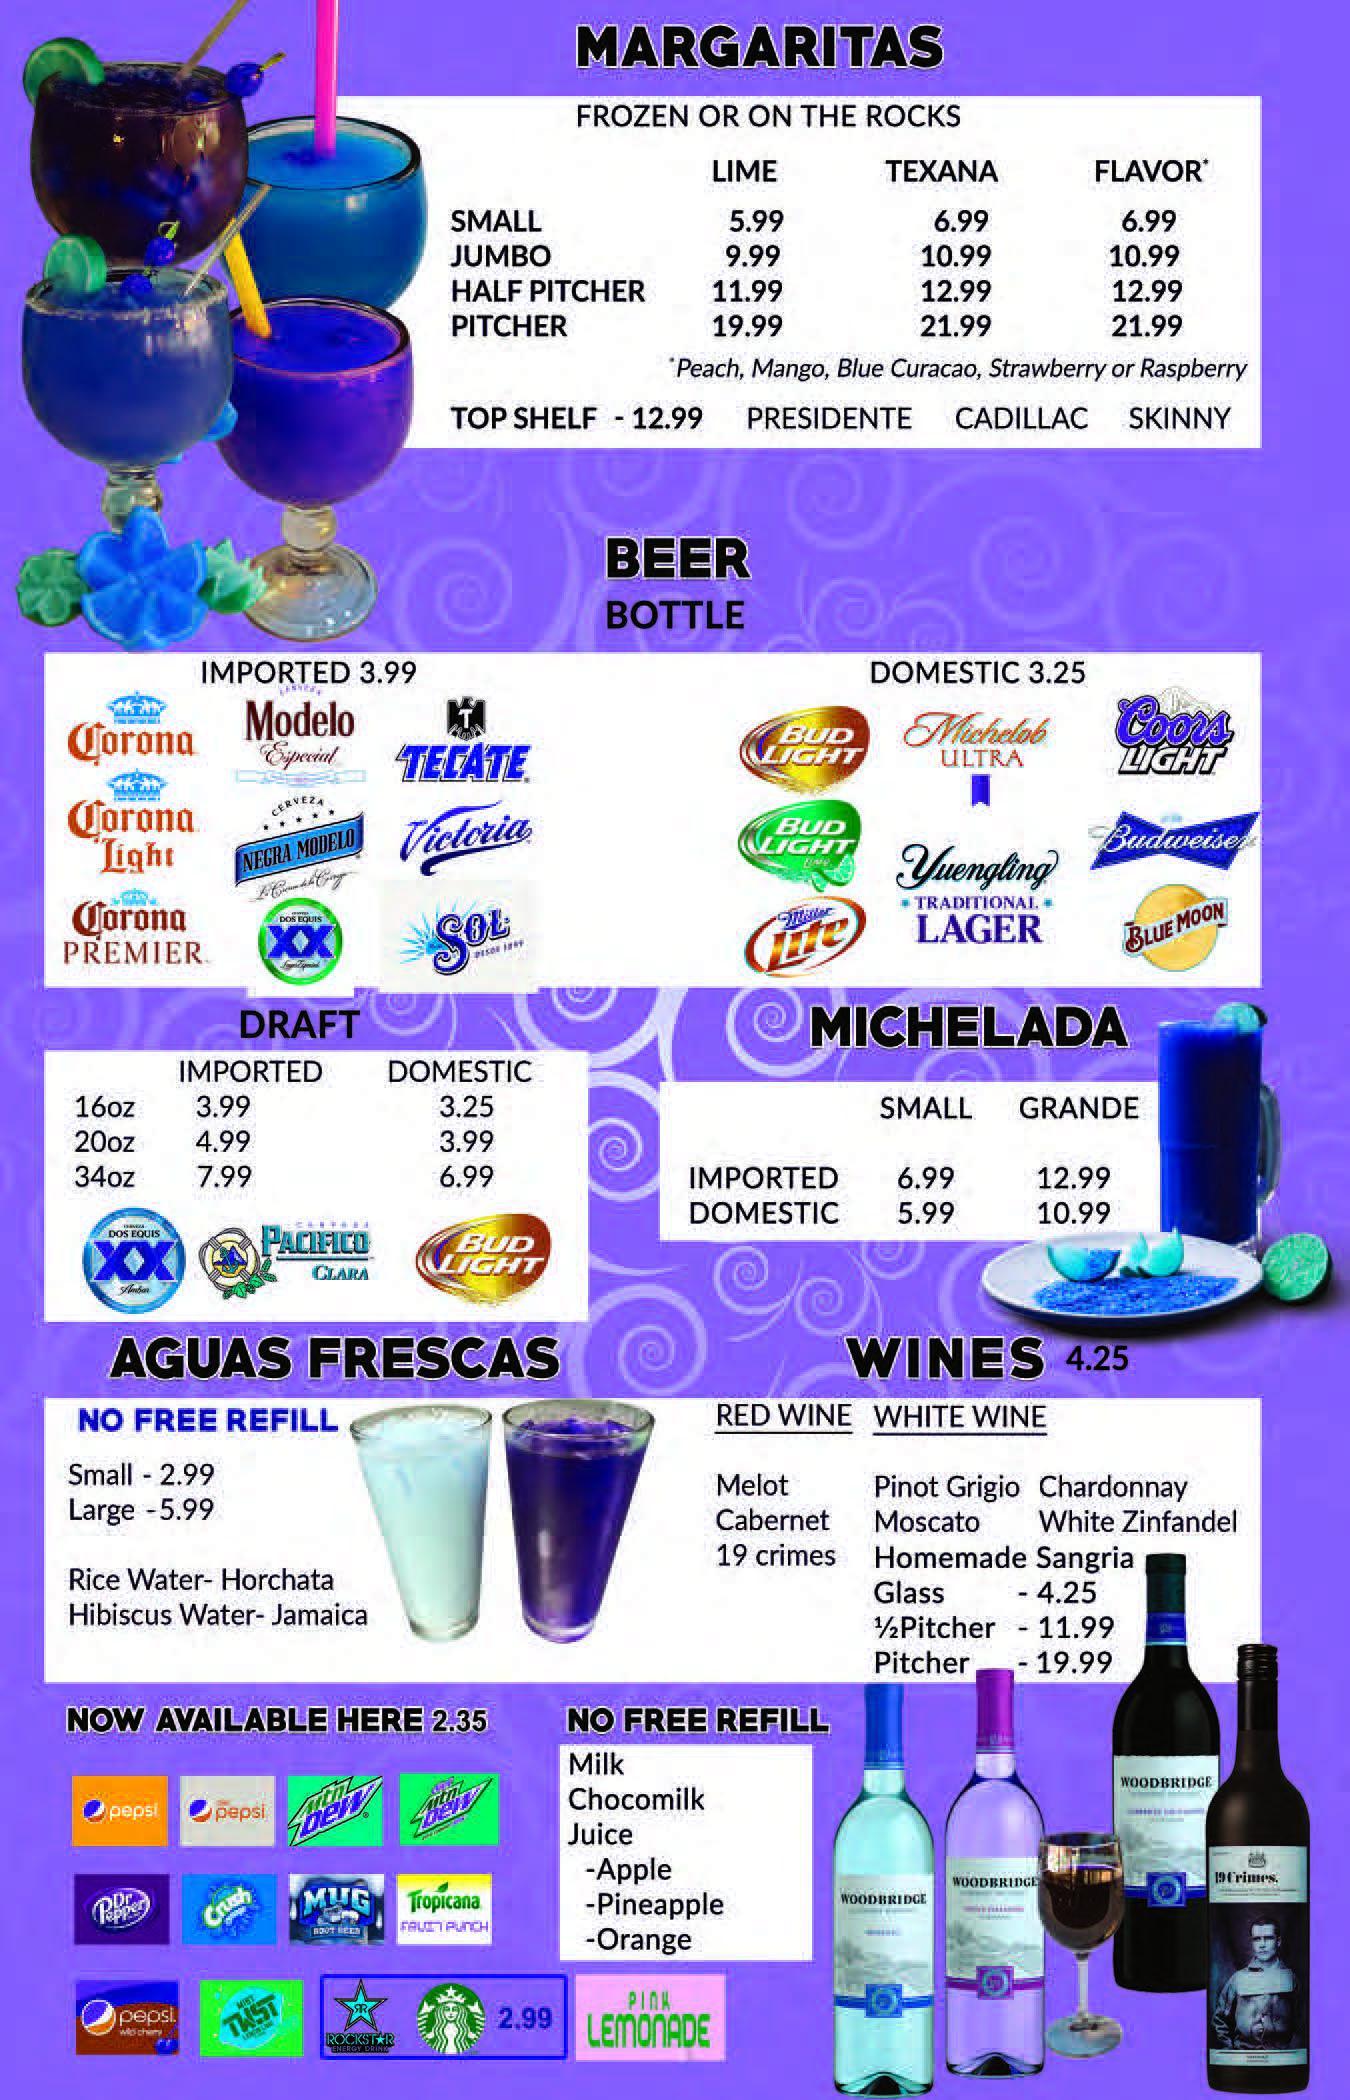 Drink Menu Image. Margaritas, Beer, Michelada, Aguas Frescas, Wines, Non-alchoholic